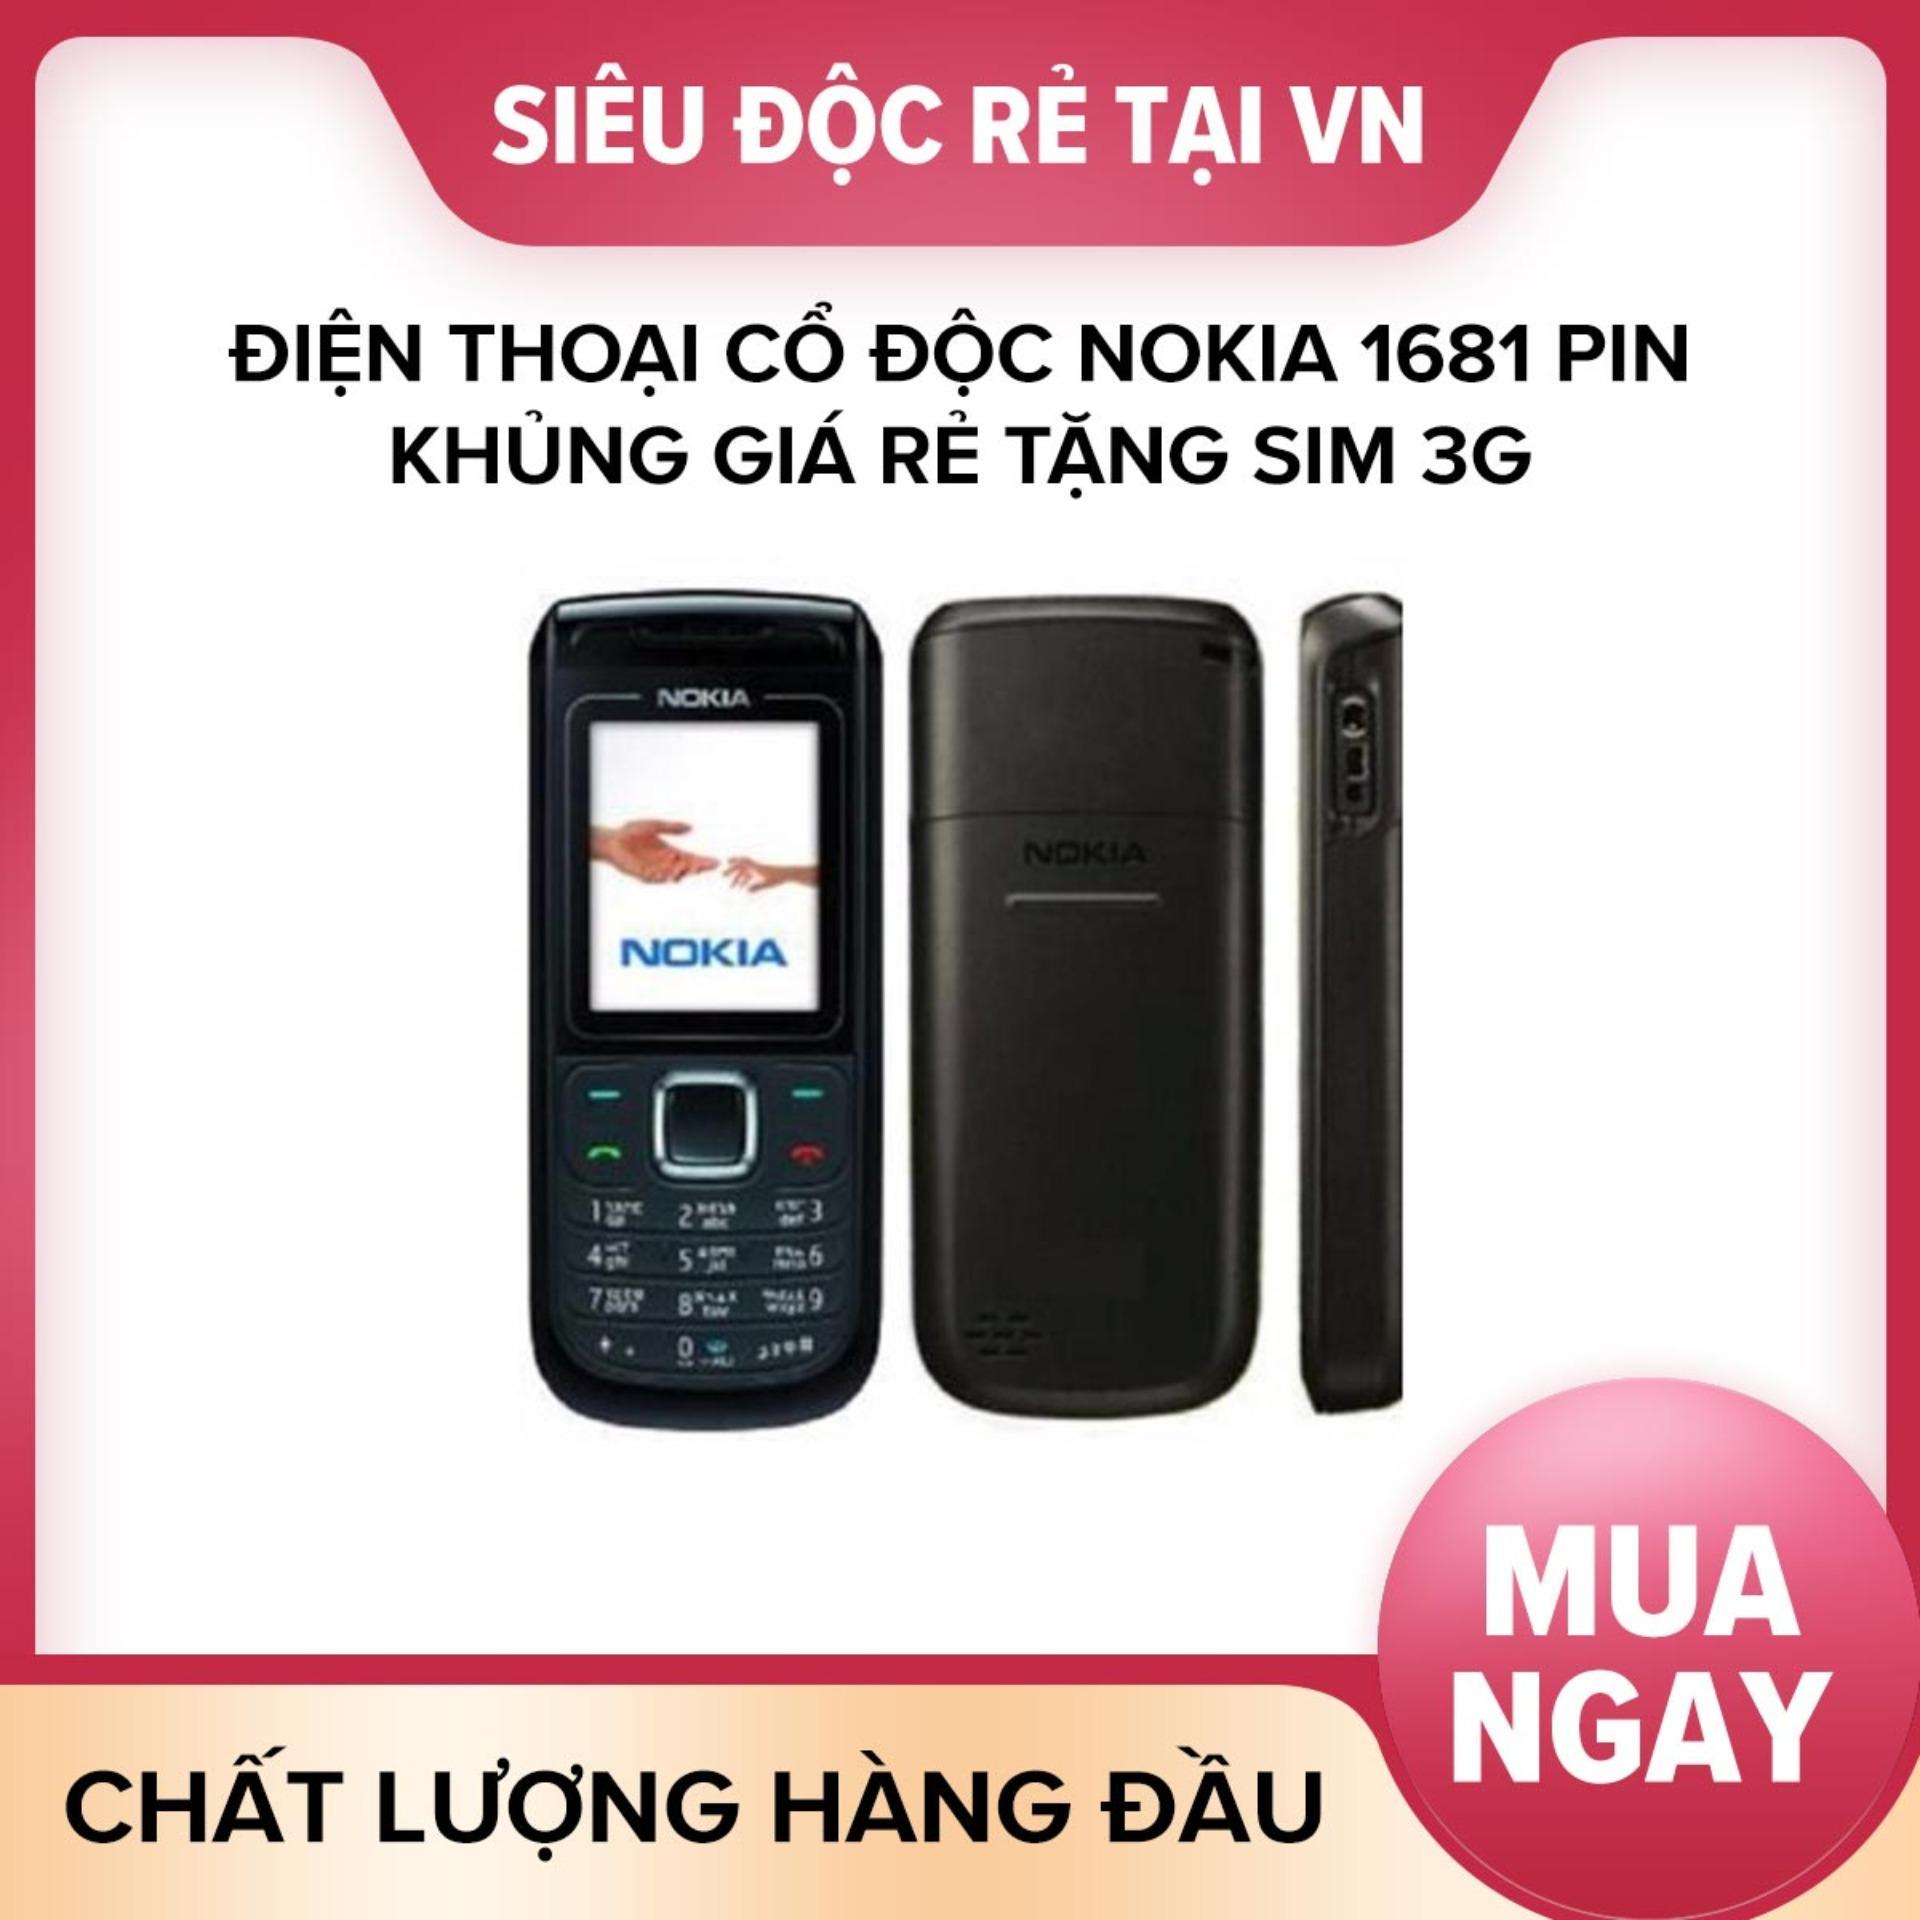 Điện thoại cổ độc Nokia 1681 pin khủng giá rẻ tặng sim 3g lên mạng